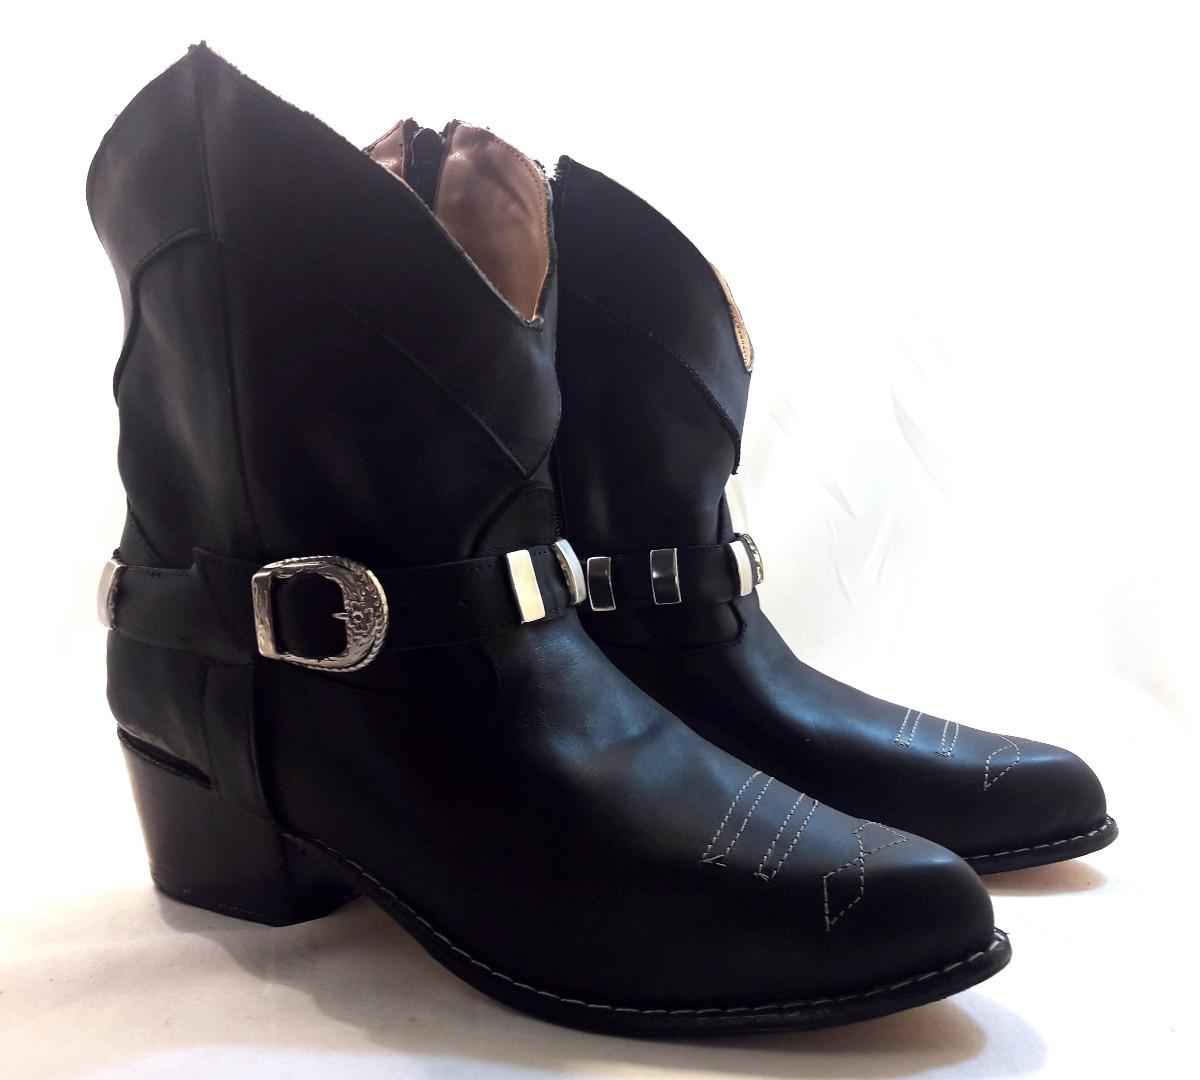 7c4f9065ed sam123 botas cortas mujer talle grande cuotas tex2 negras. Cargando zoom.